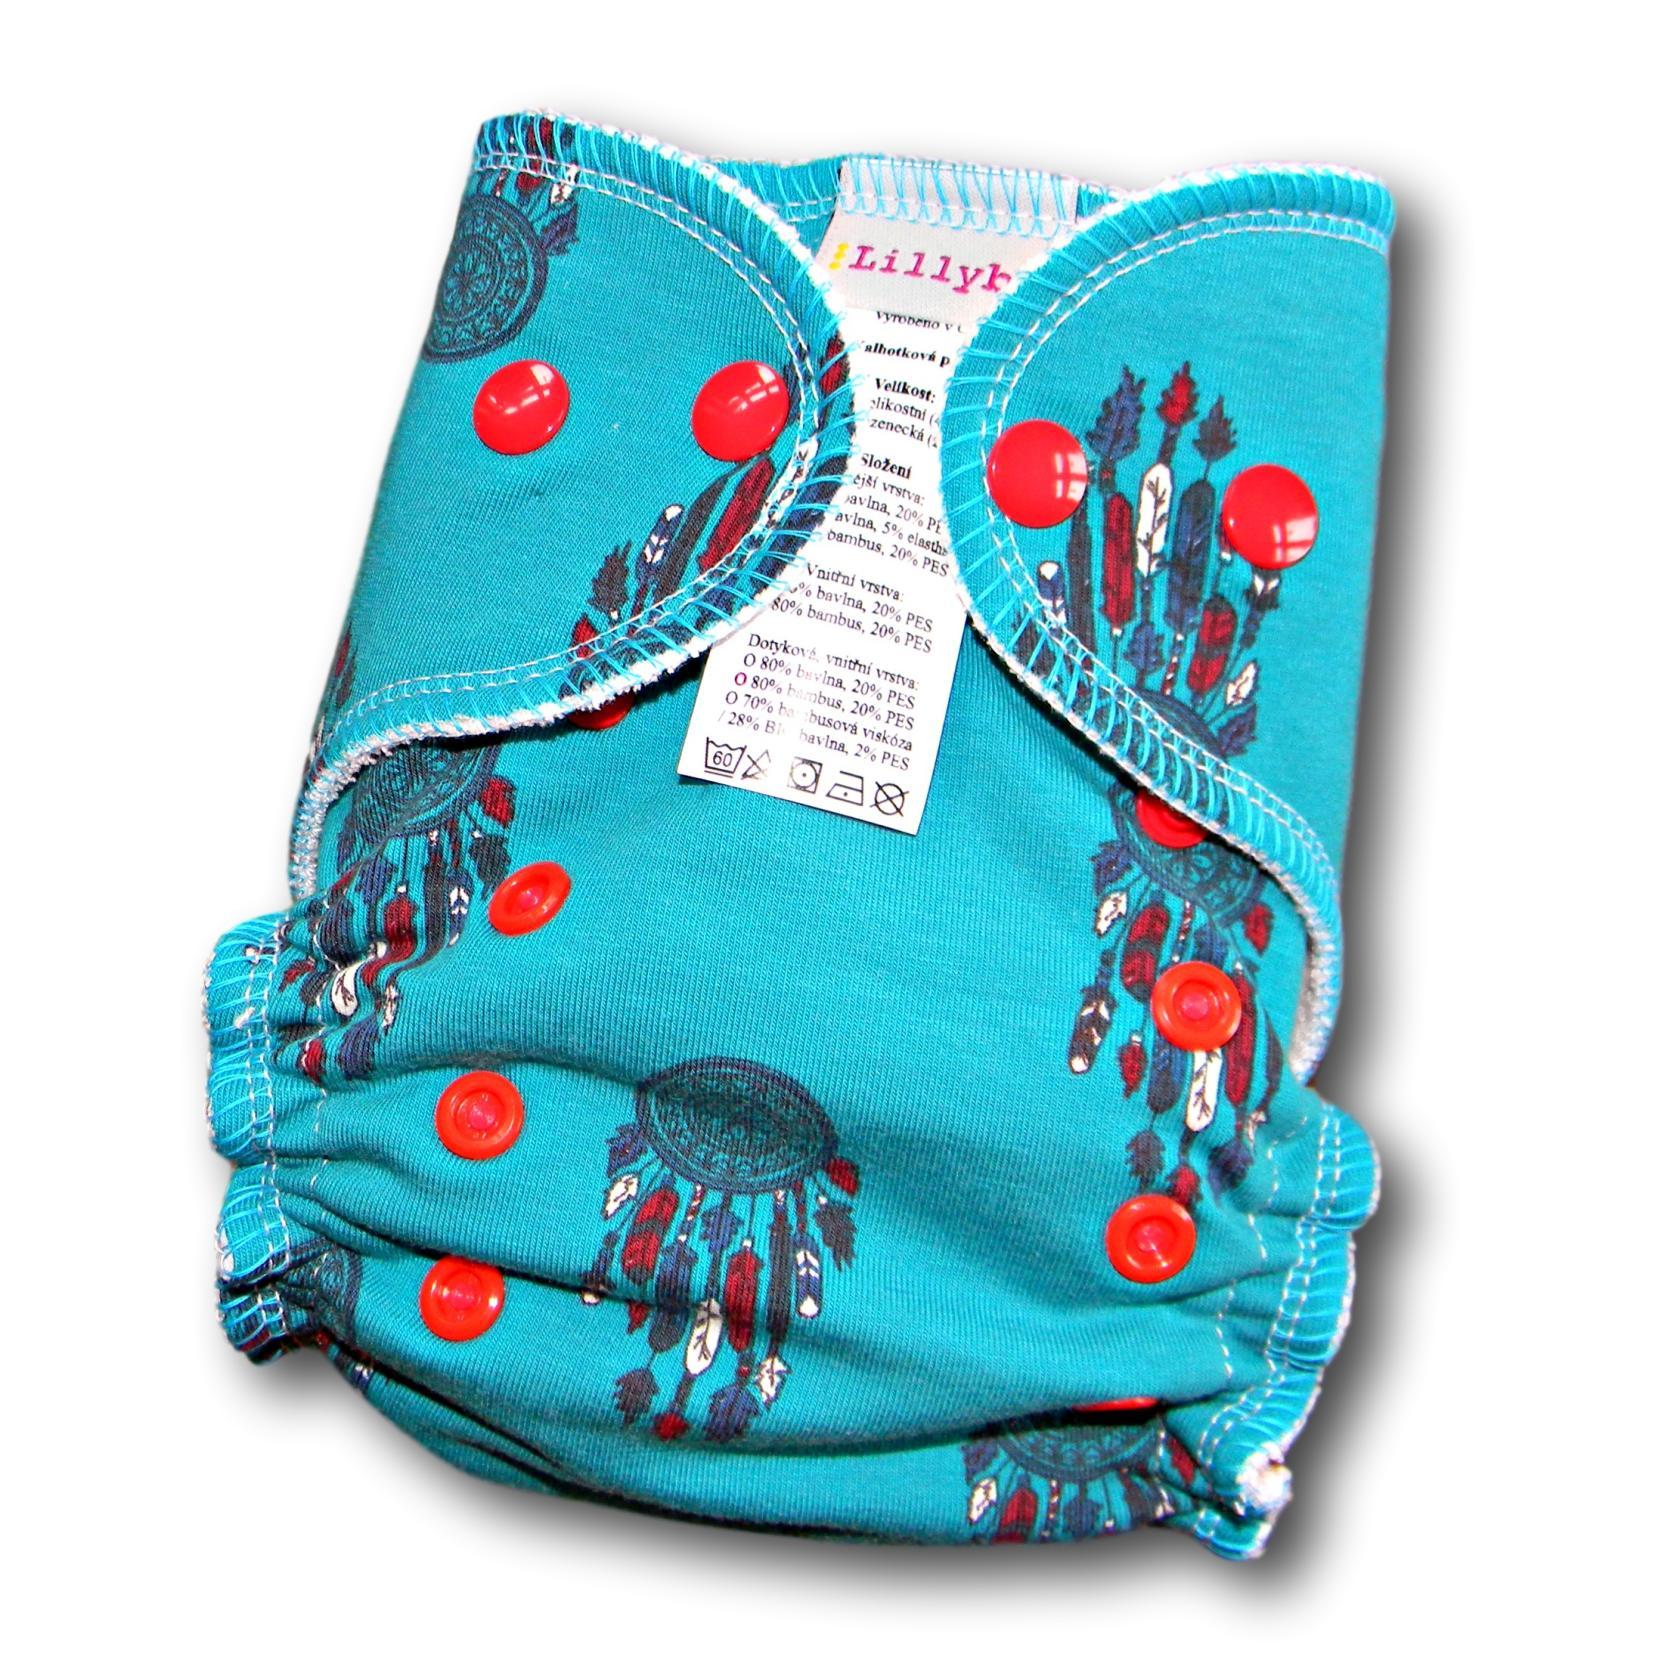 Kalhotová plena Lillybe na patentky - Lapače (Jednovelikostní kalhotová plena NOVÁ - obsahuje dlouhou vkládací plenu)